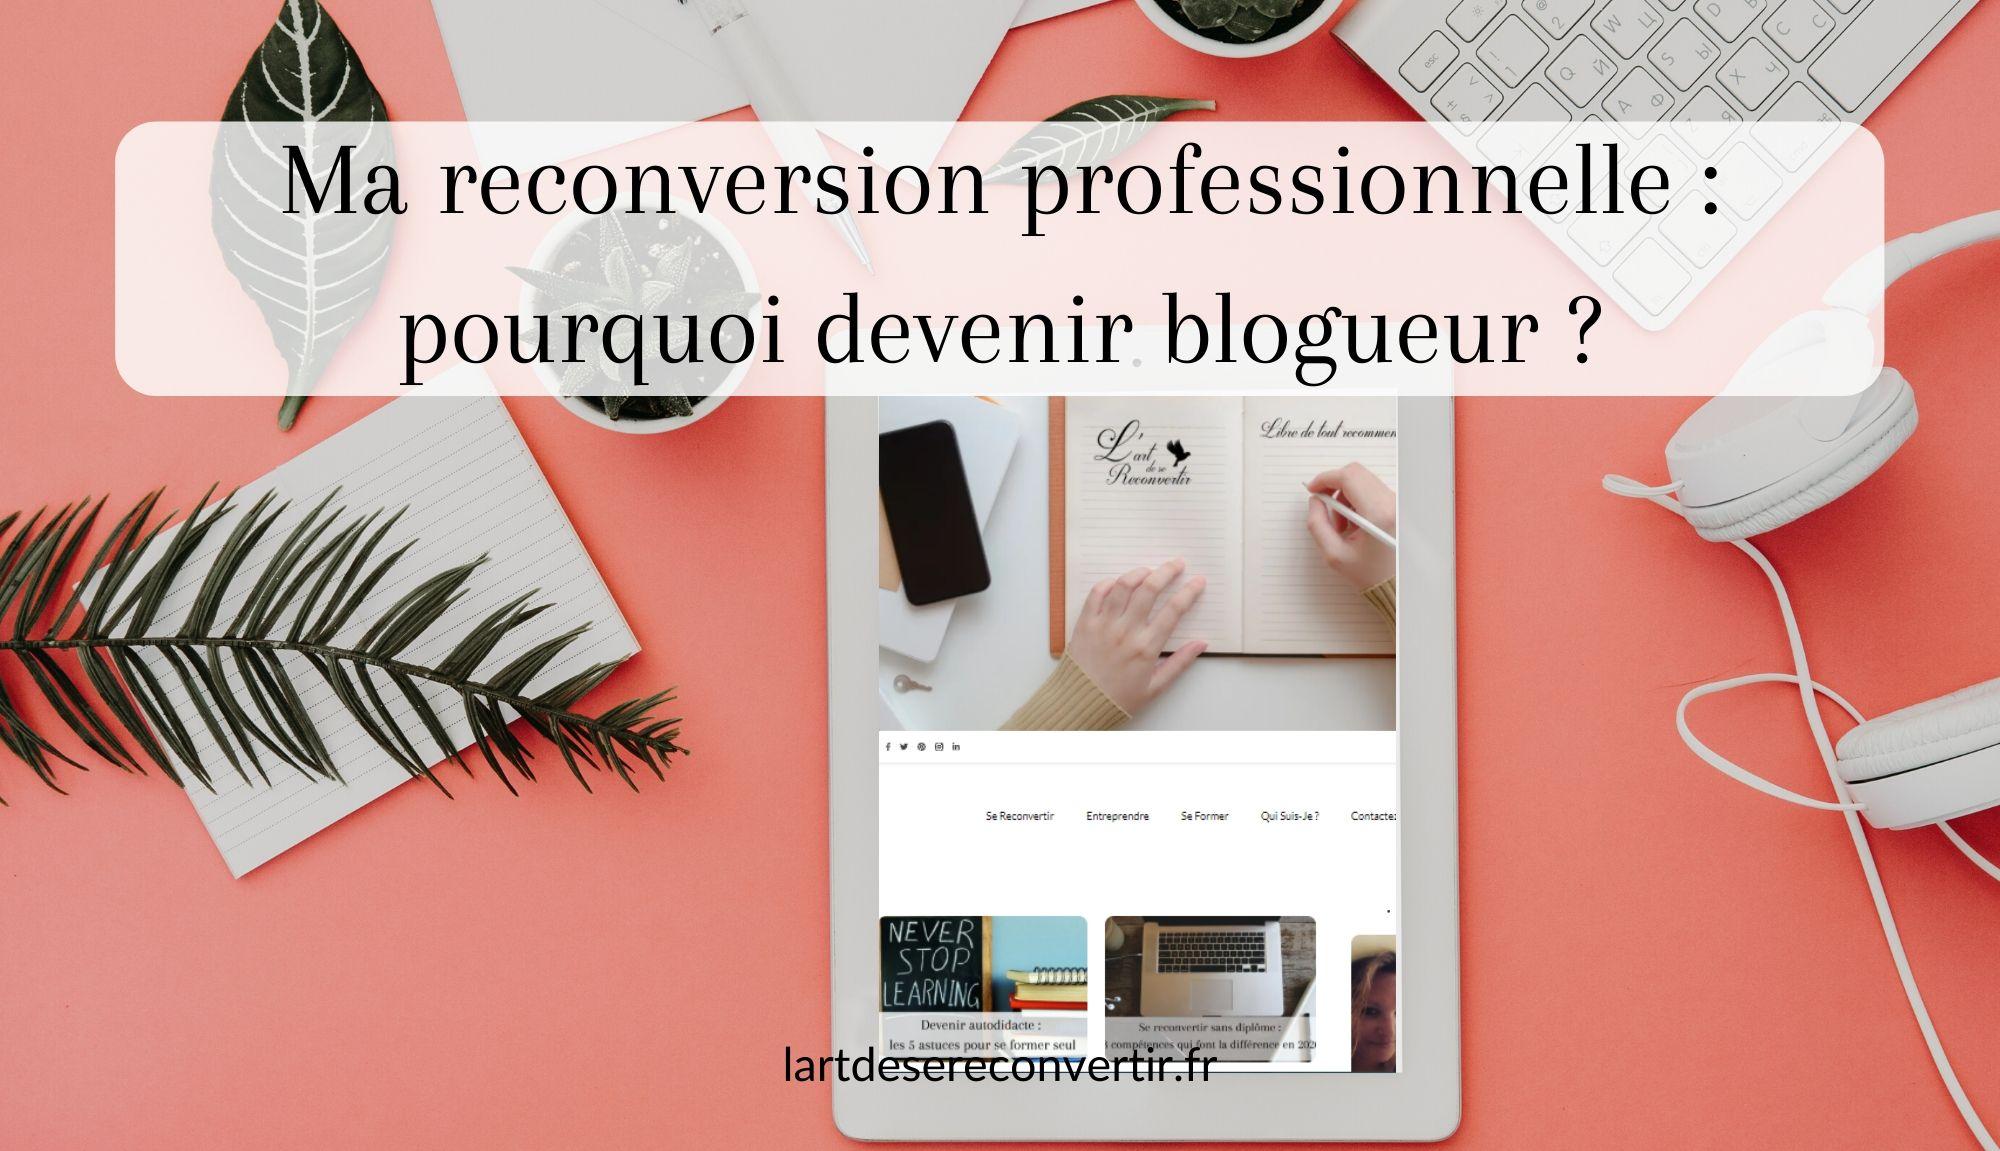 Ma reconversion professionnelle _ pourquoi devenir blogueur _